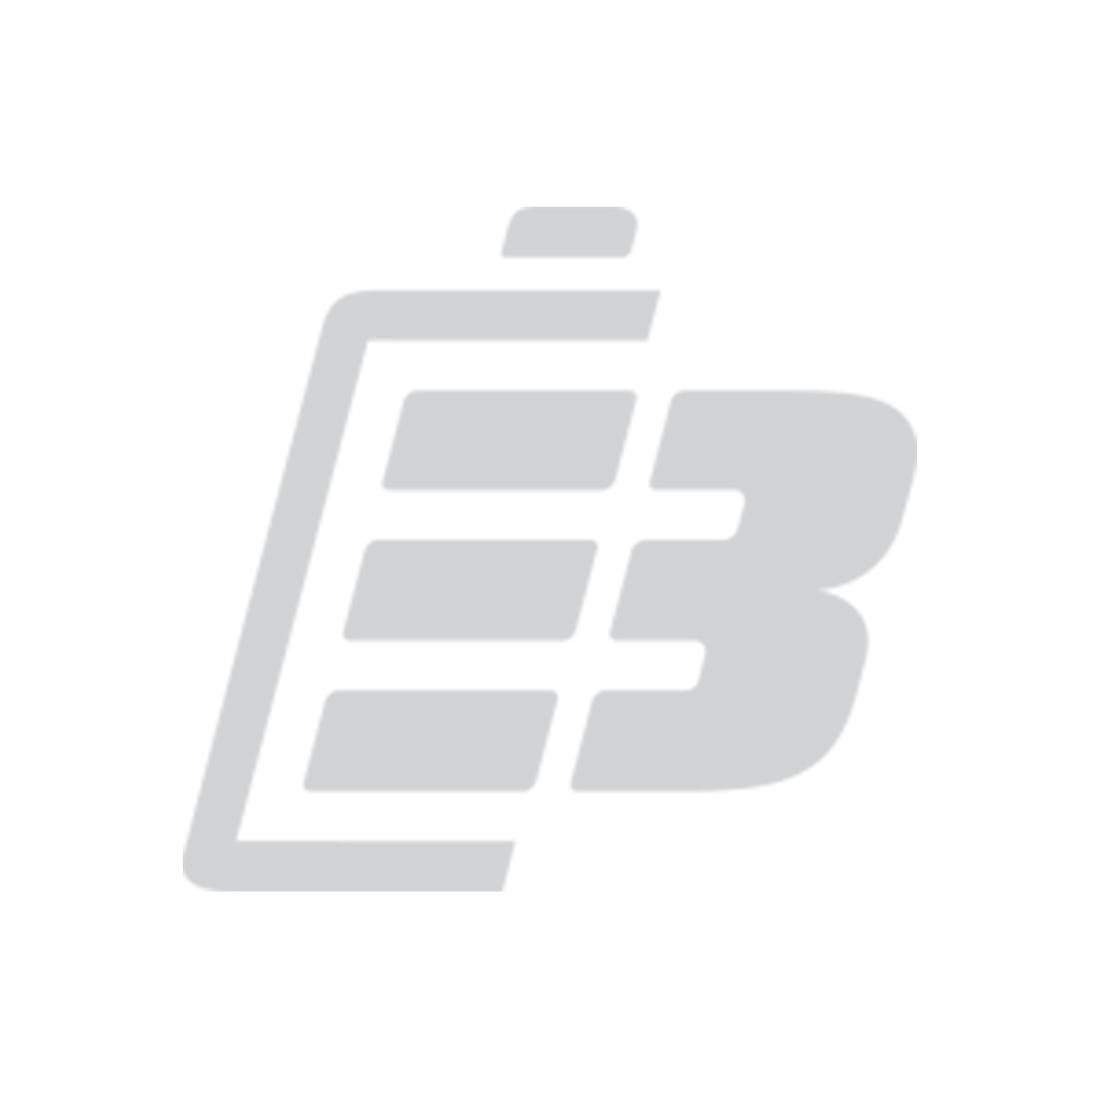 Μπαταρία smartphone Lenovo Vibe X2_1